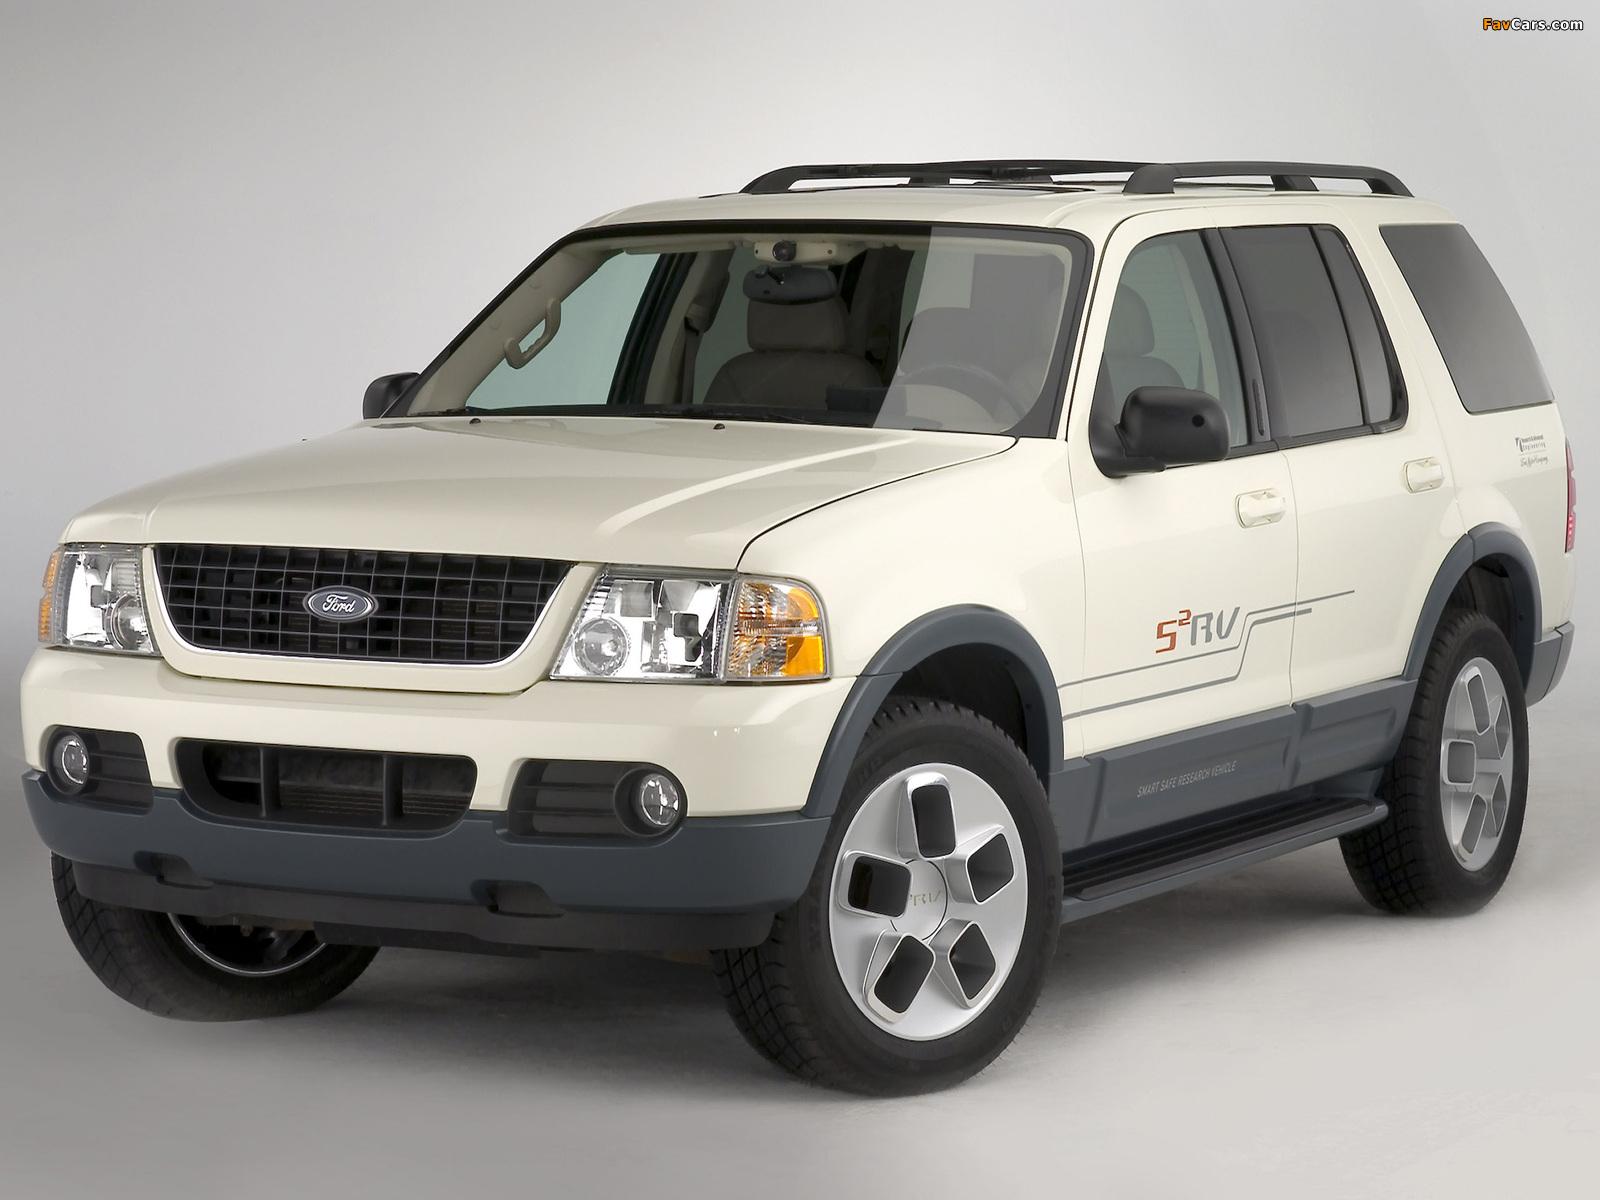 Ford Explorer S2RV Concept 2003 photos (1600 x 1200)